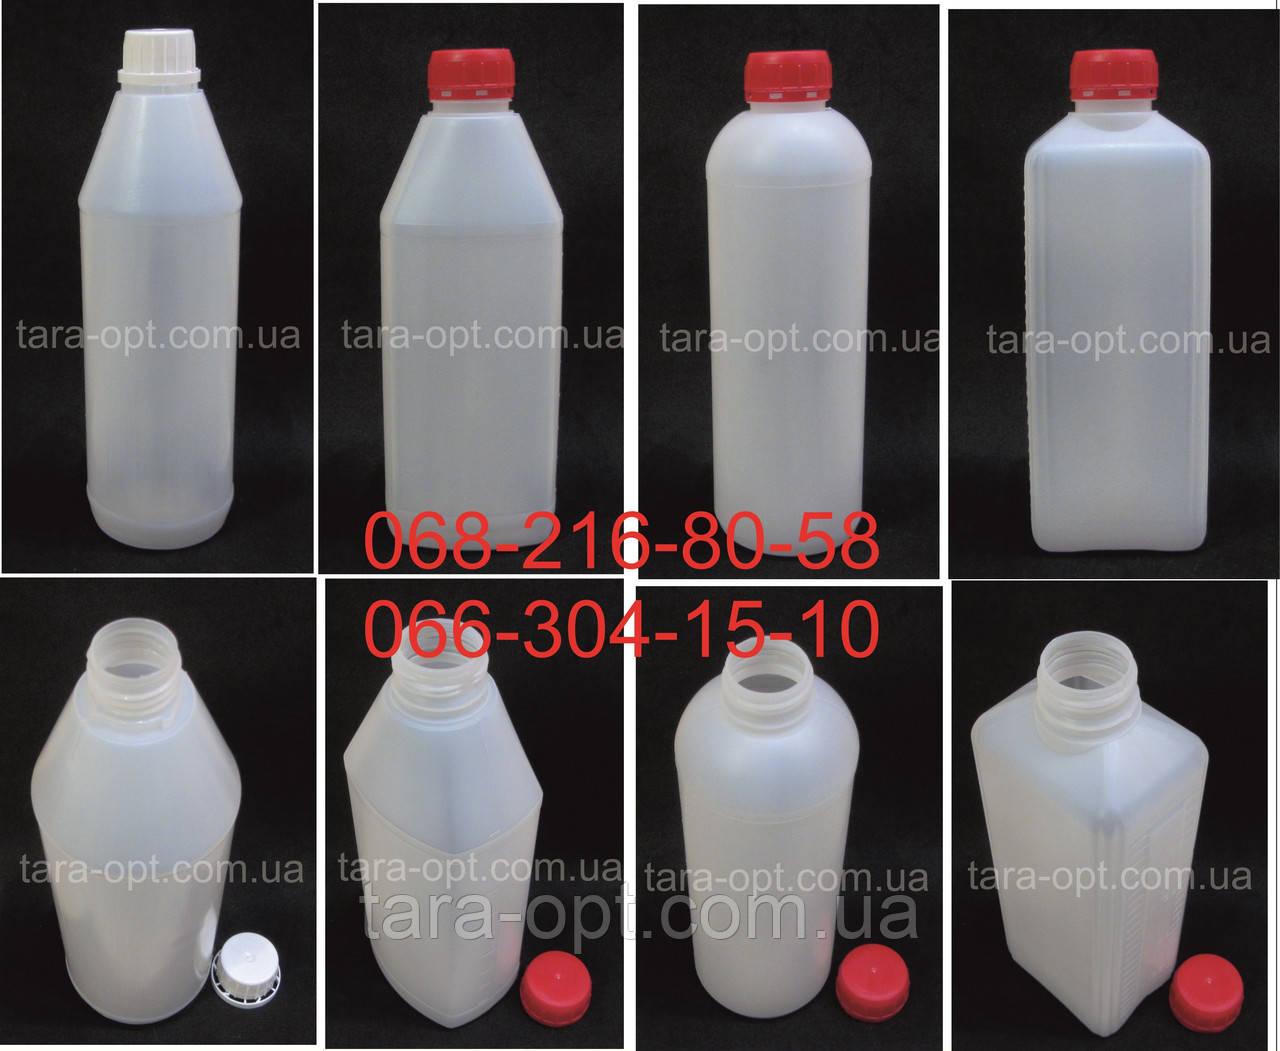 Пляшка 1 літр оптом флакони 1 літр тара 1000 мл